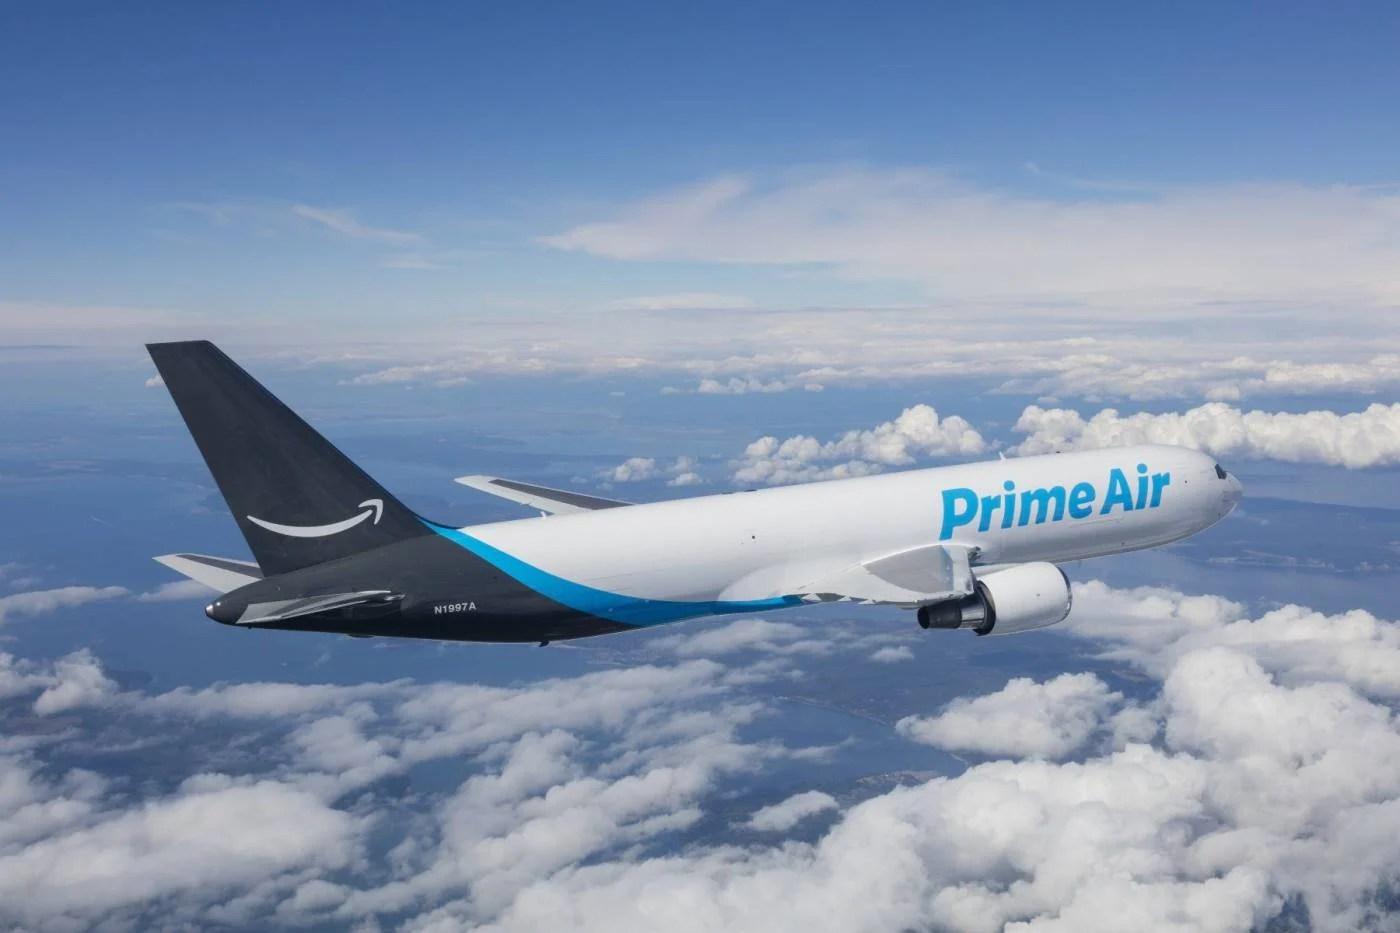 Em crescimento, Amazon adiciona mais 12 aviões Boeing 767F na Prime Air | Aeroflap